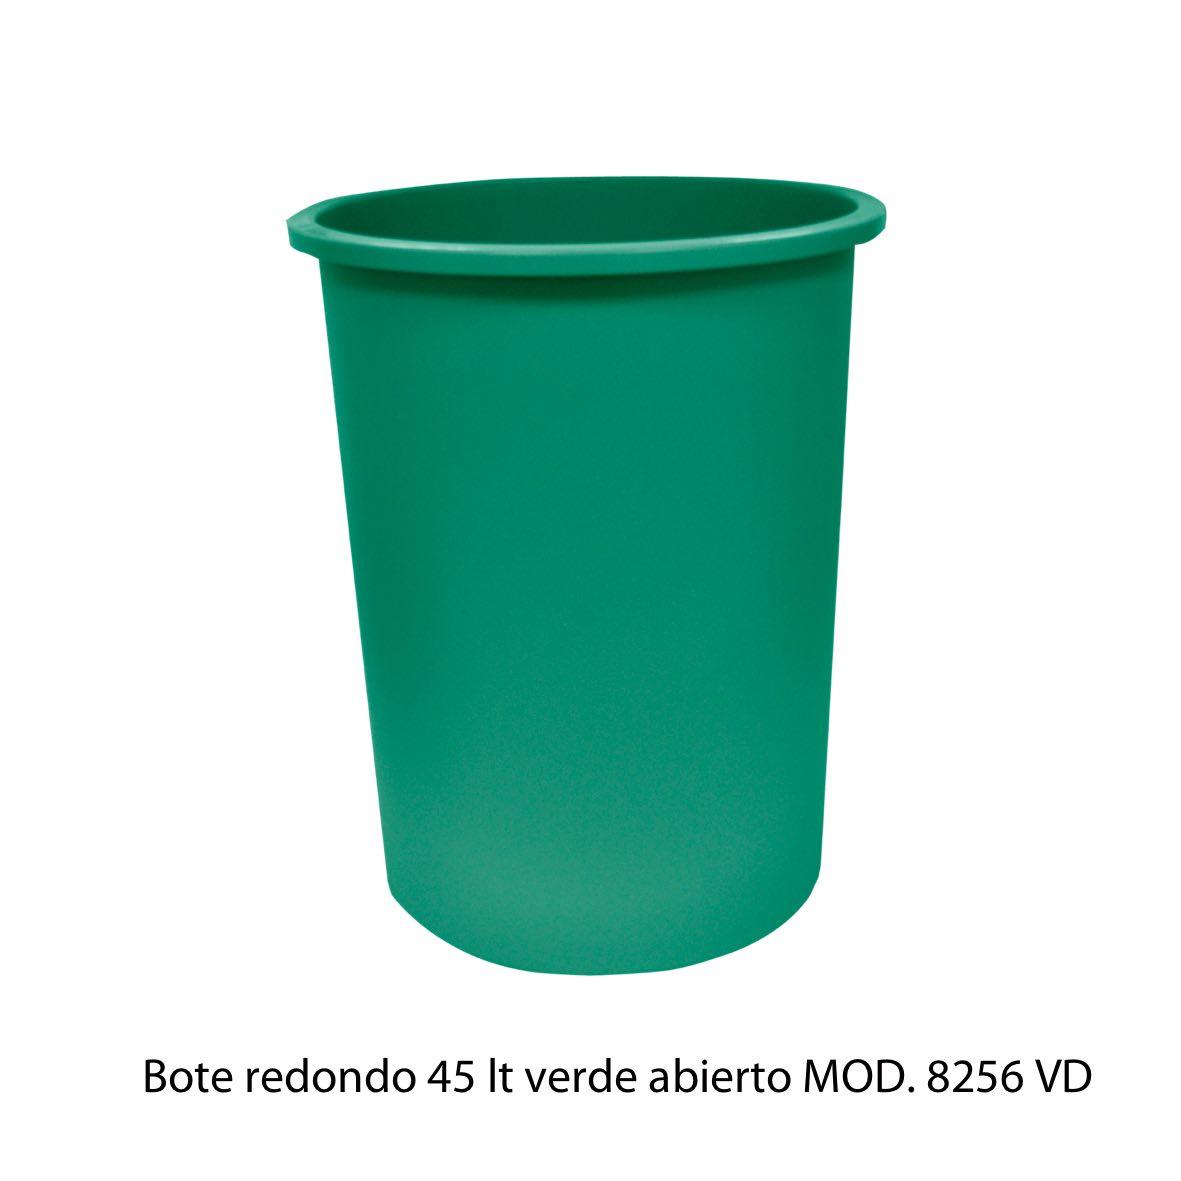 Bote de basura redondo de 45 litros sin tapa color verde modelo 8256 VD Sablón